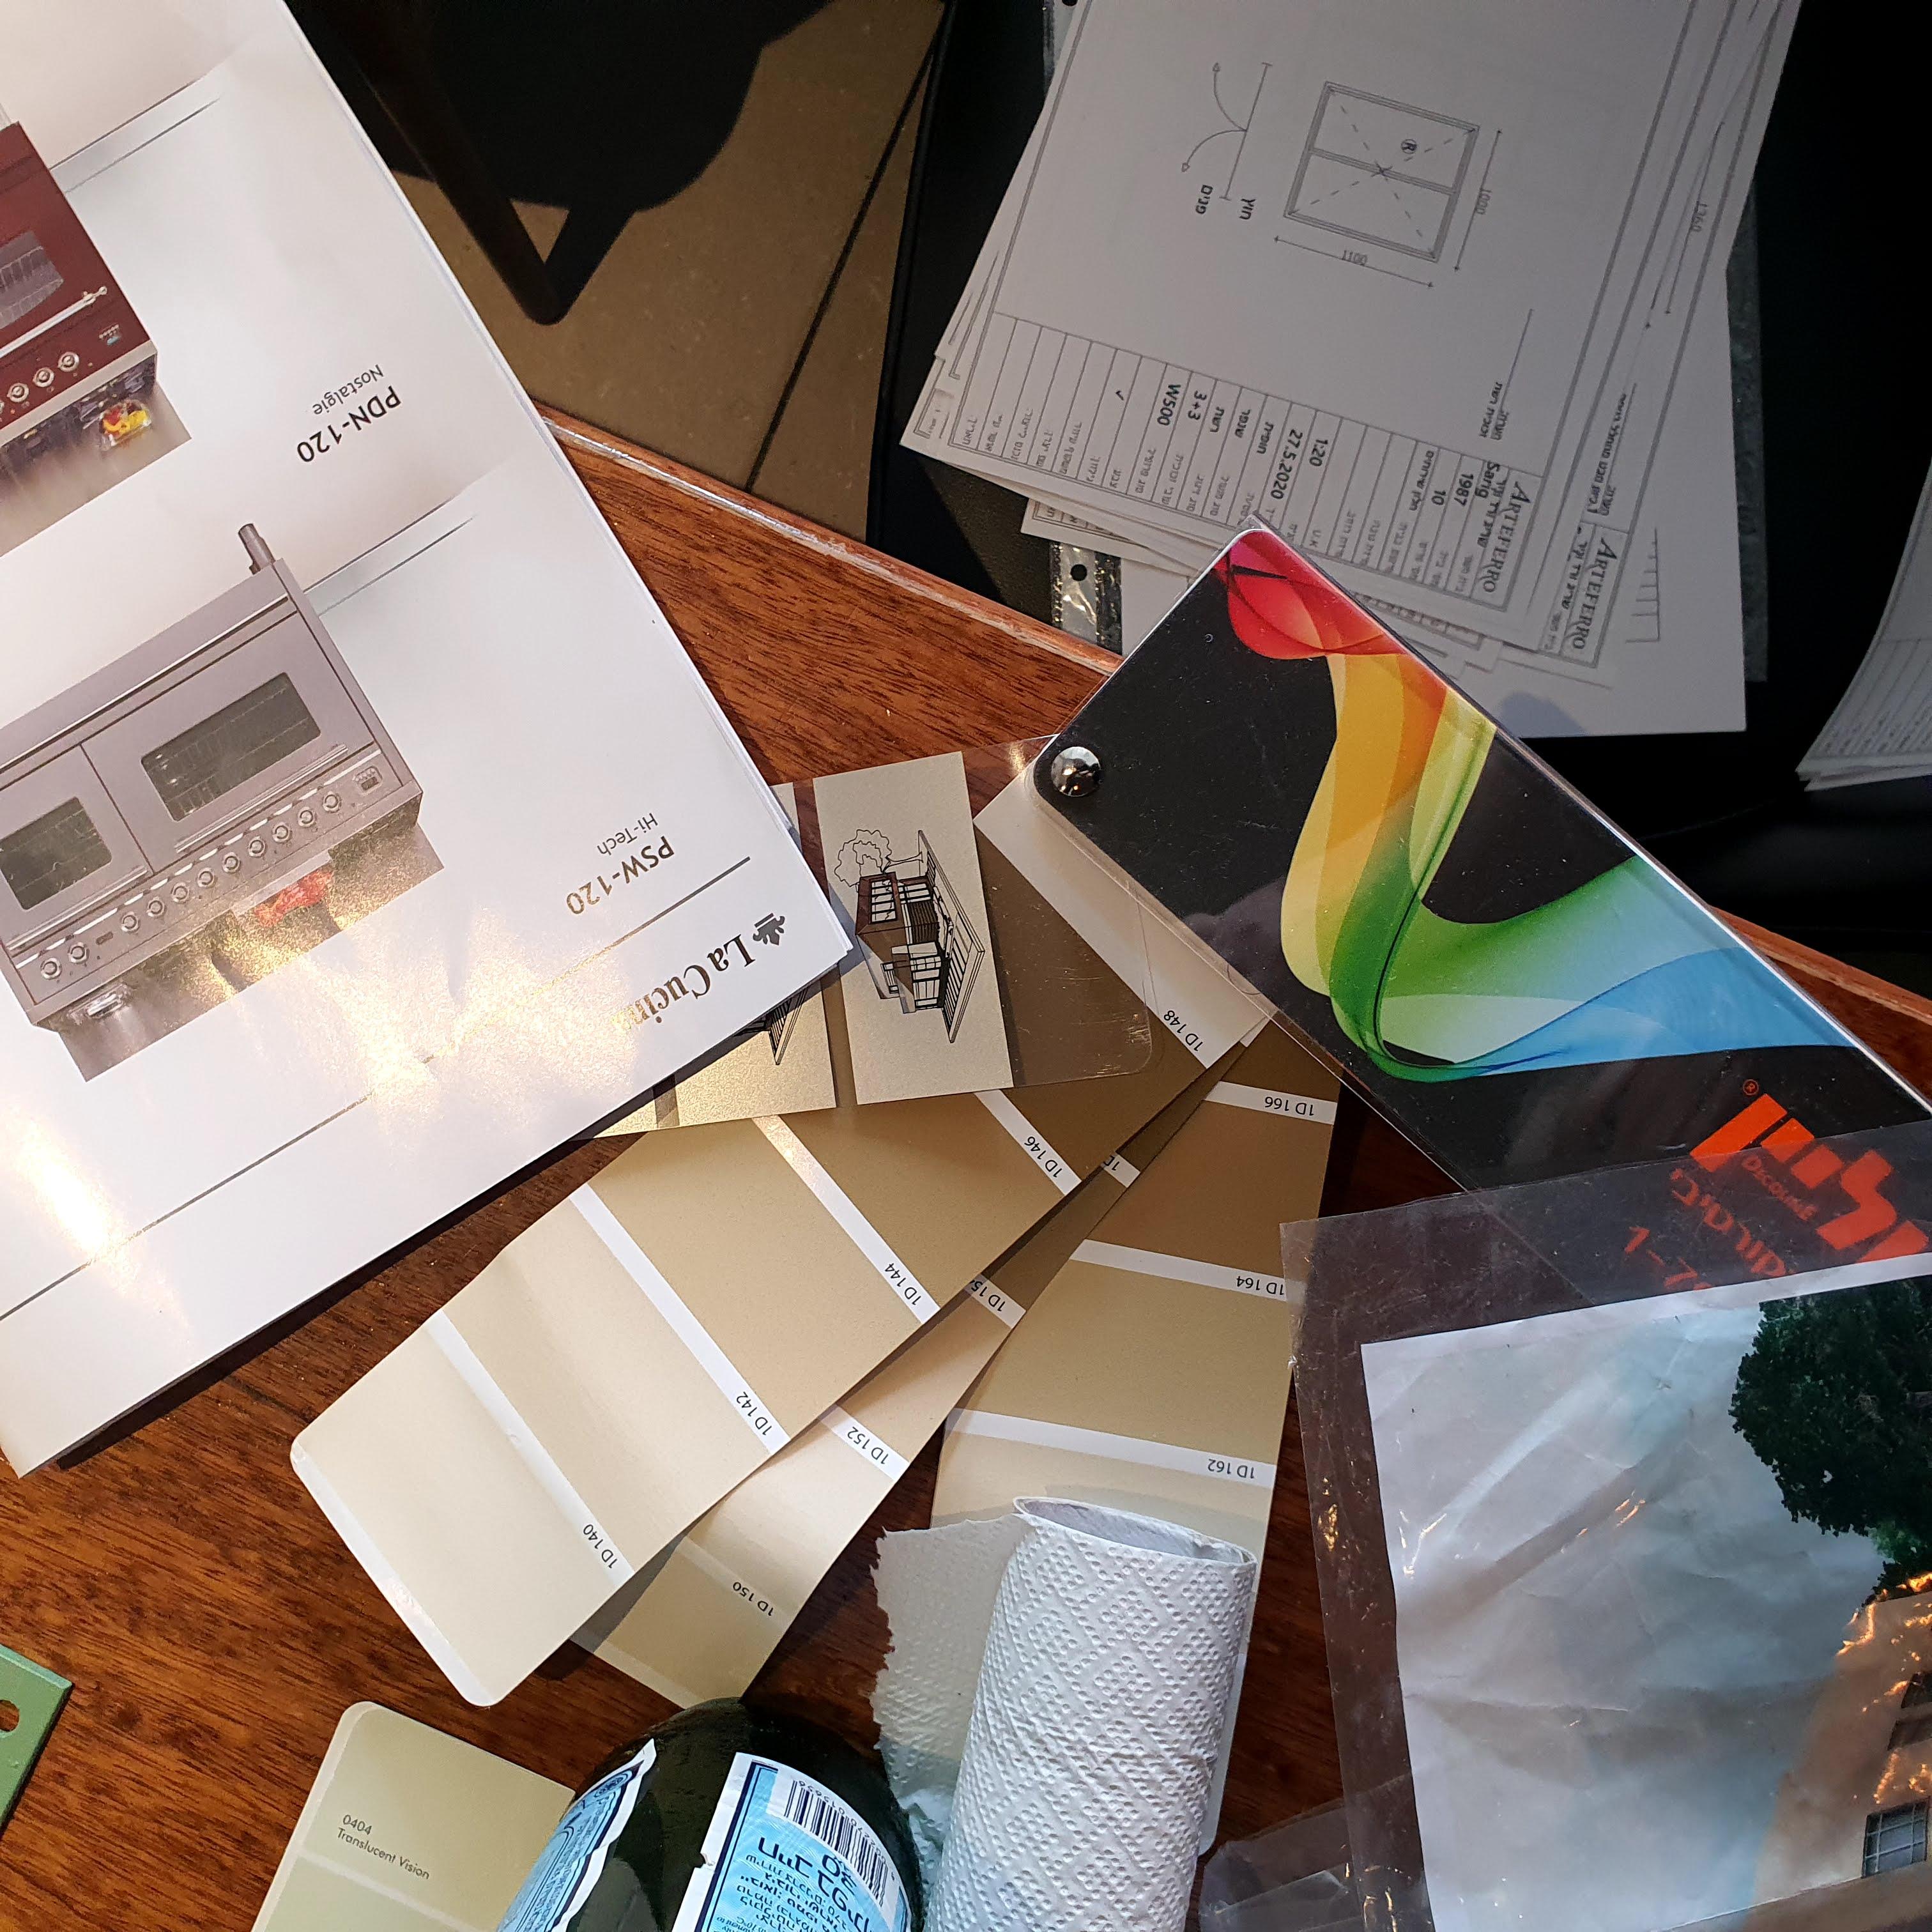 עיצוב פנים בתהליך שיפוץ דירה או שיפוץ בית | מרב שדה - תכנון ועיצוב פנים